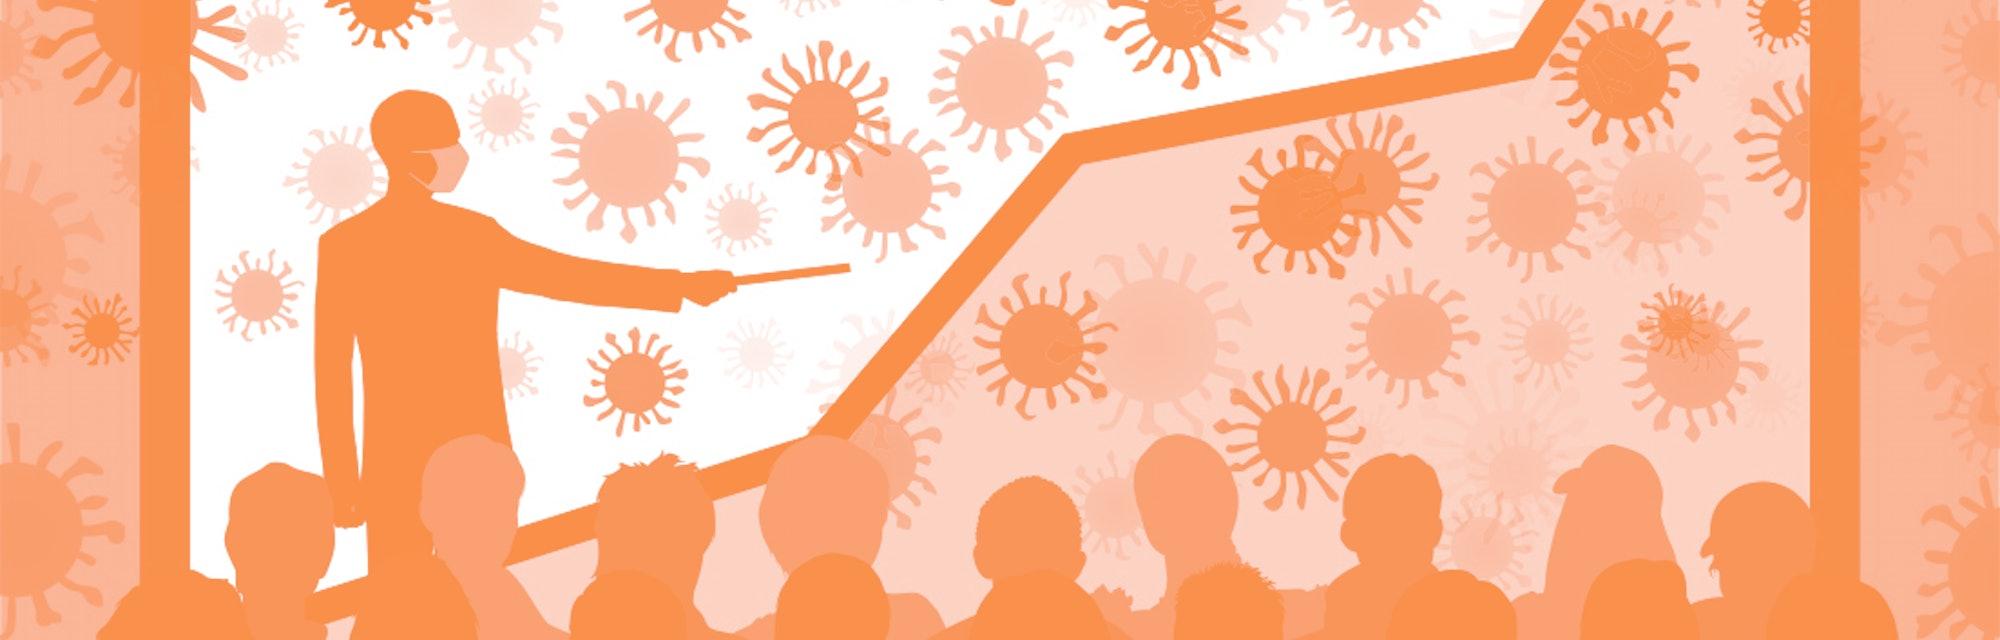 Coronavirus and graph.